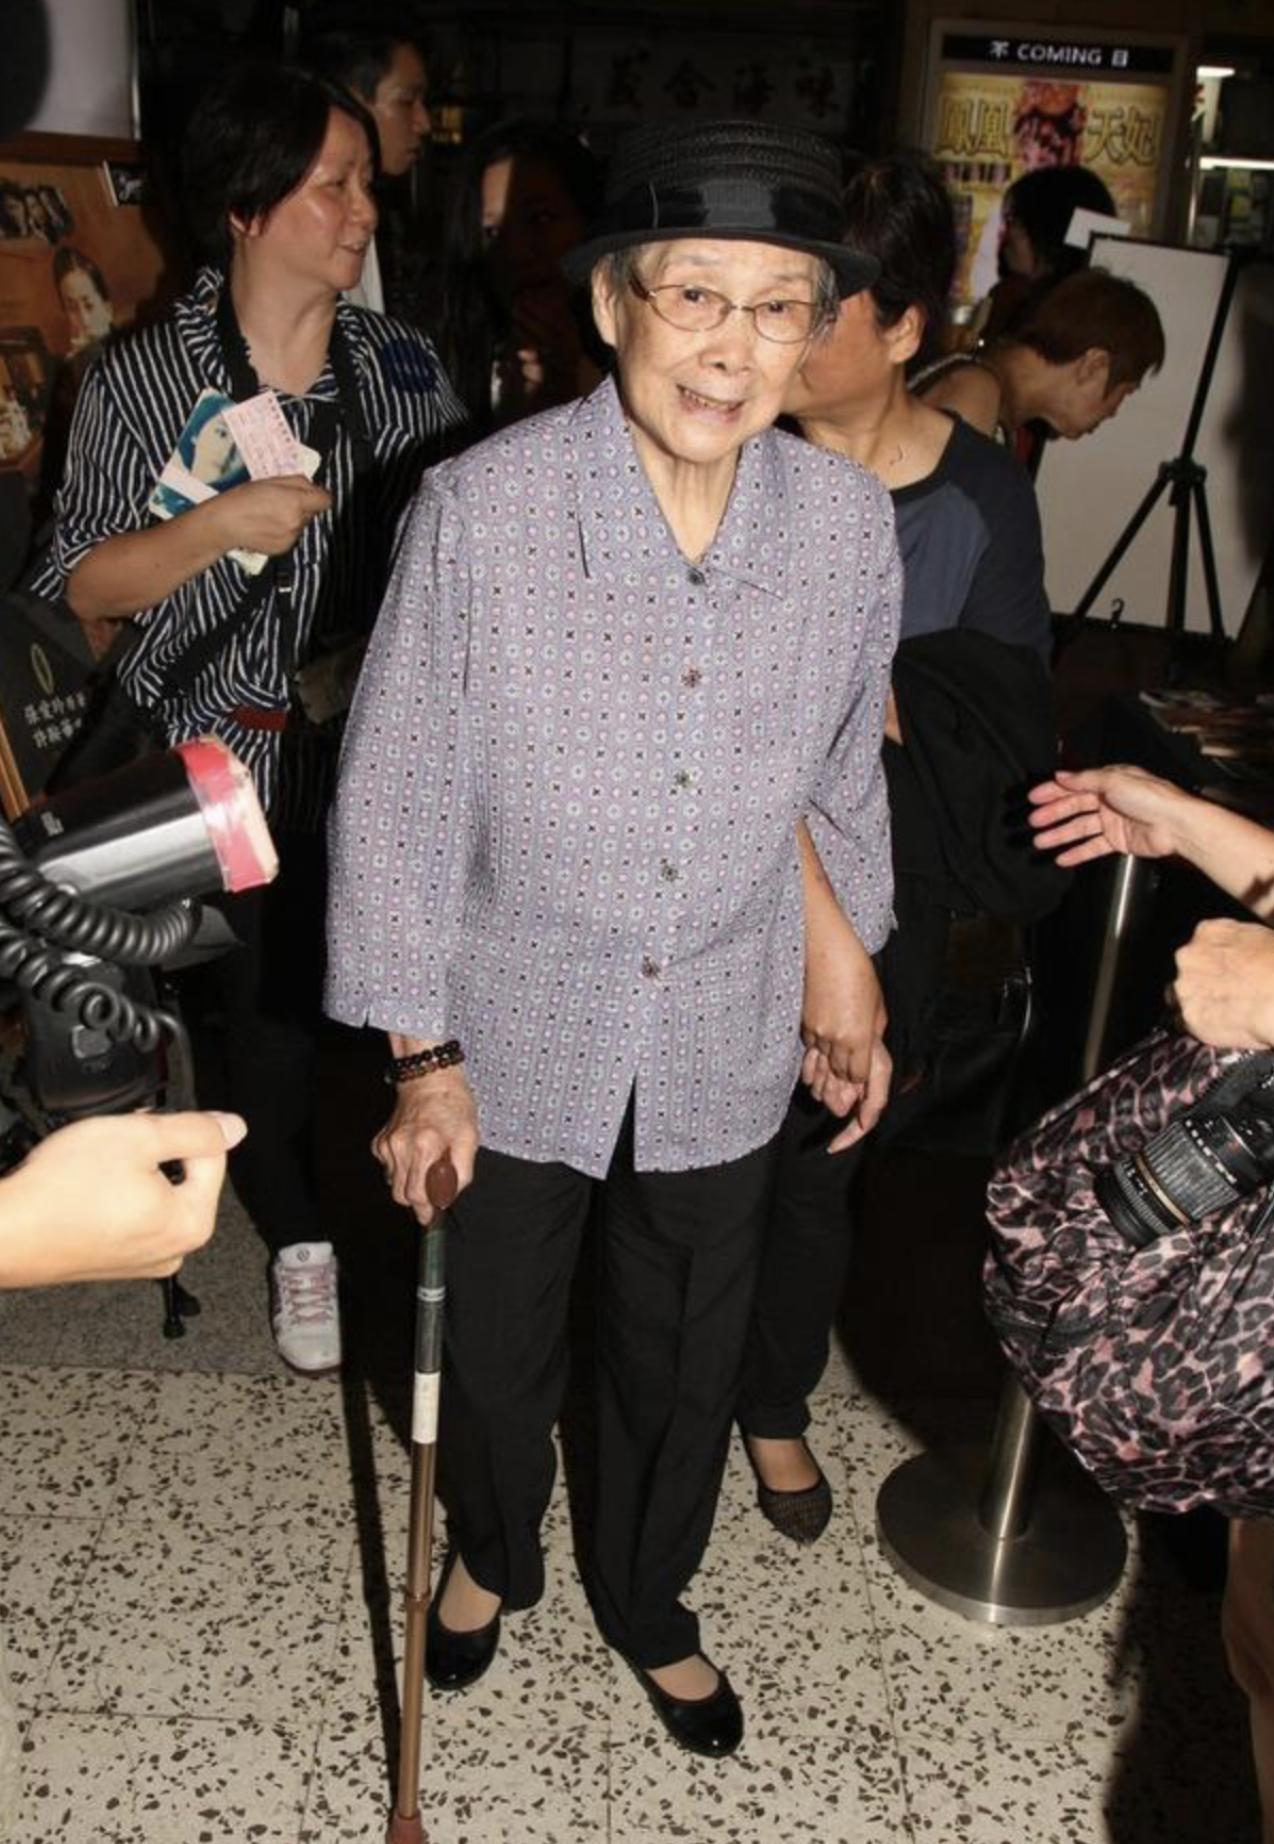 梅艳芳高龄母亲身体不适入院,97岁寿宴停办,被曝仍能拄拐杖行走